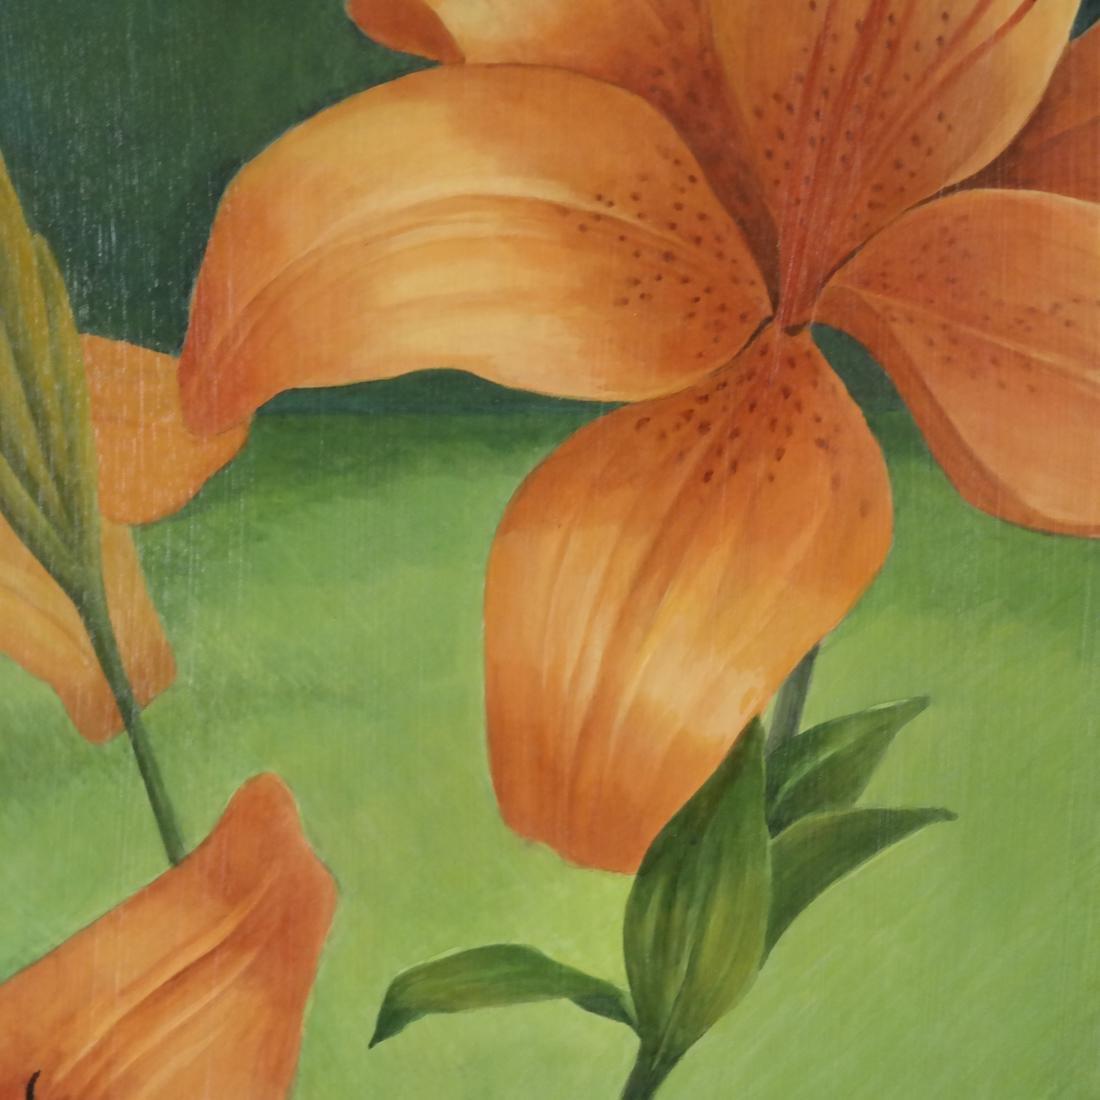 Judith Harper, Acrylic on Board - Flowers - 4